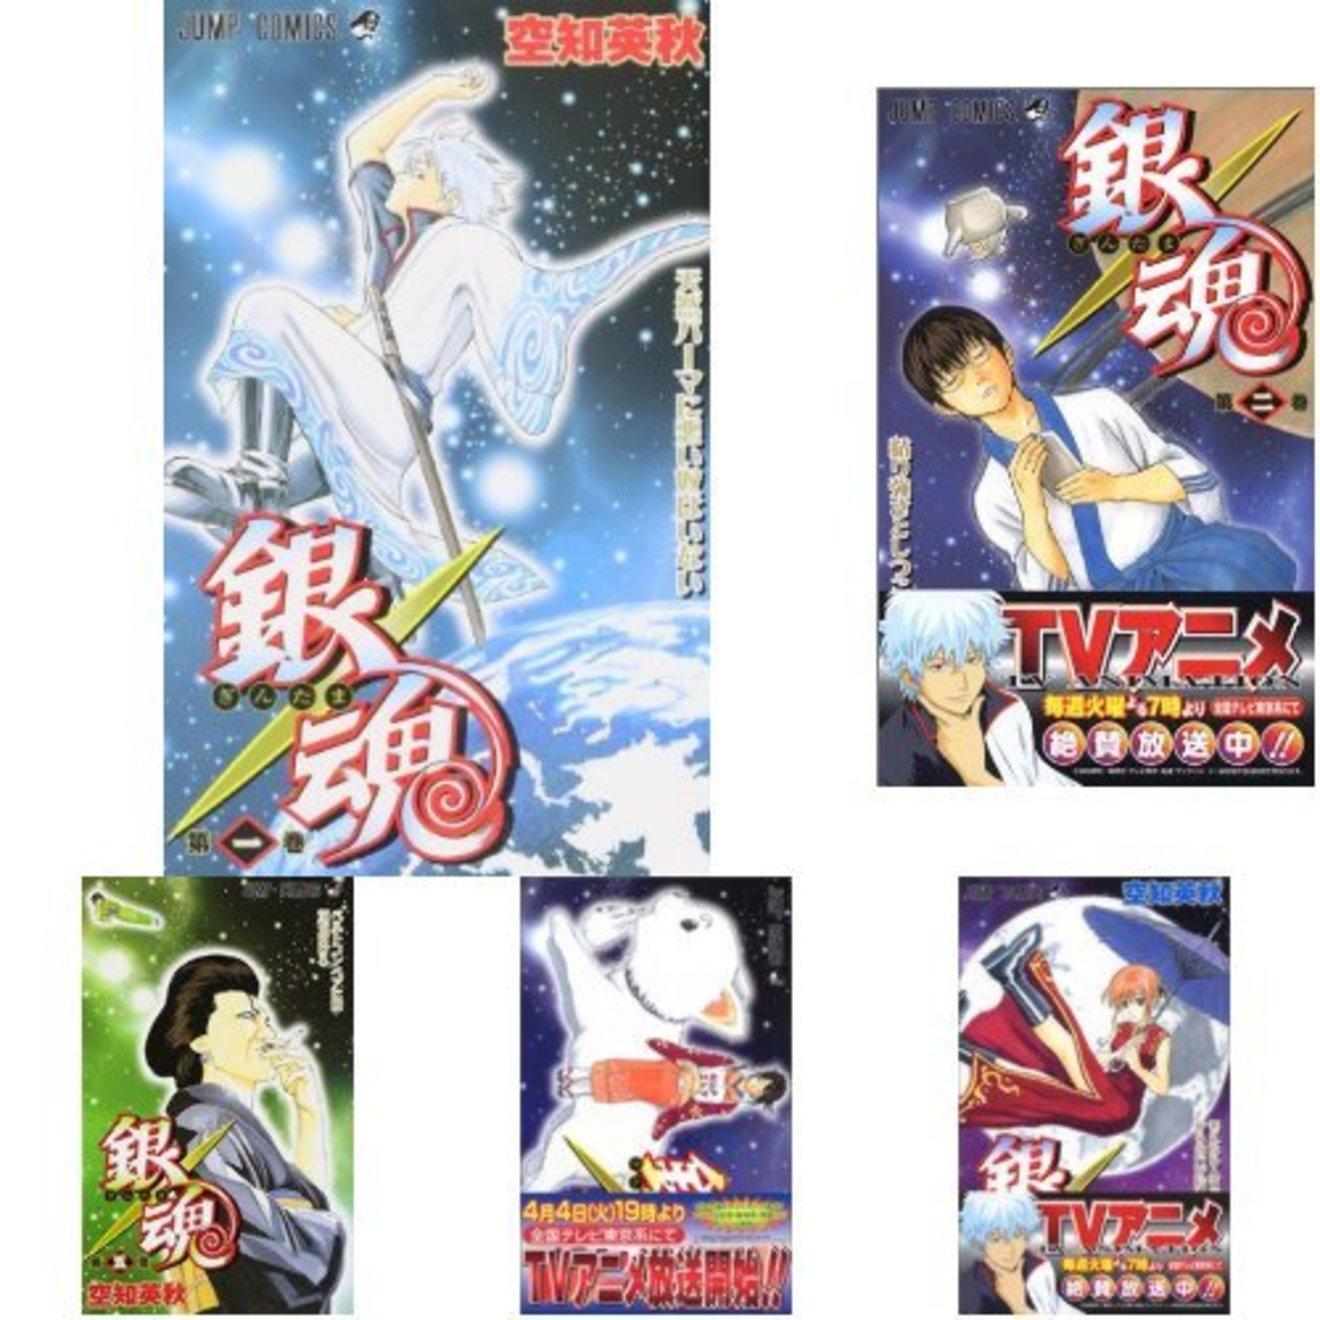 漫画『銀魂』のキャラクターを徹底考察!【ネタバレ注意】